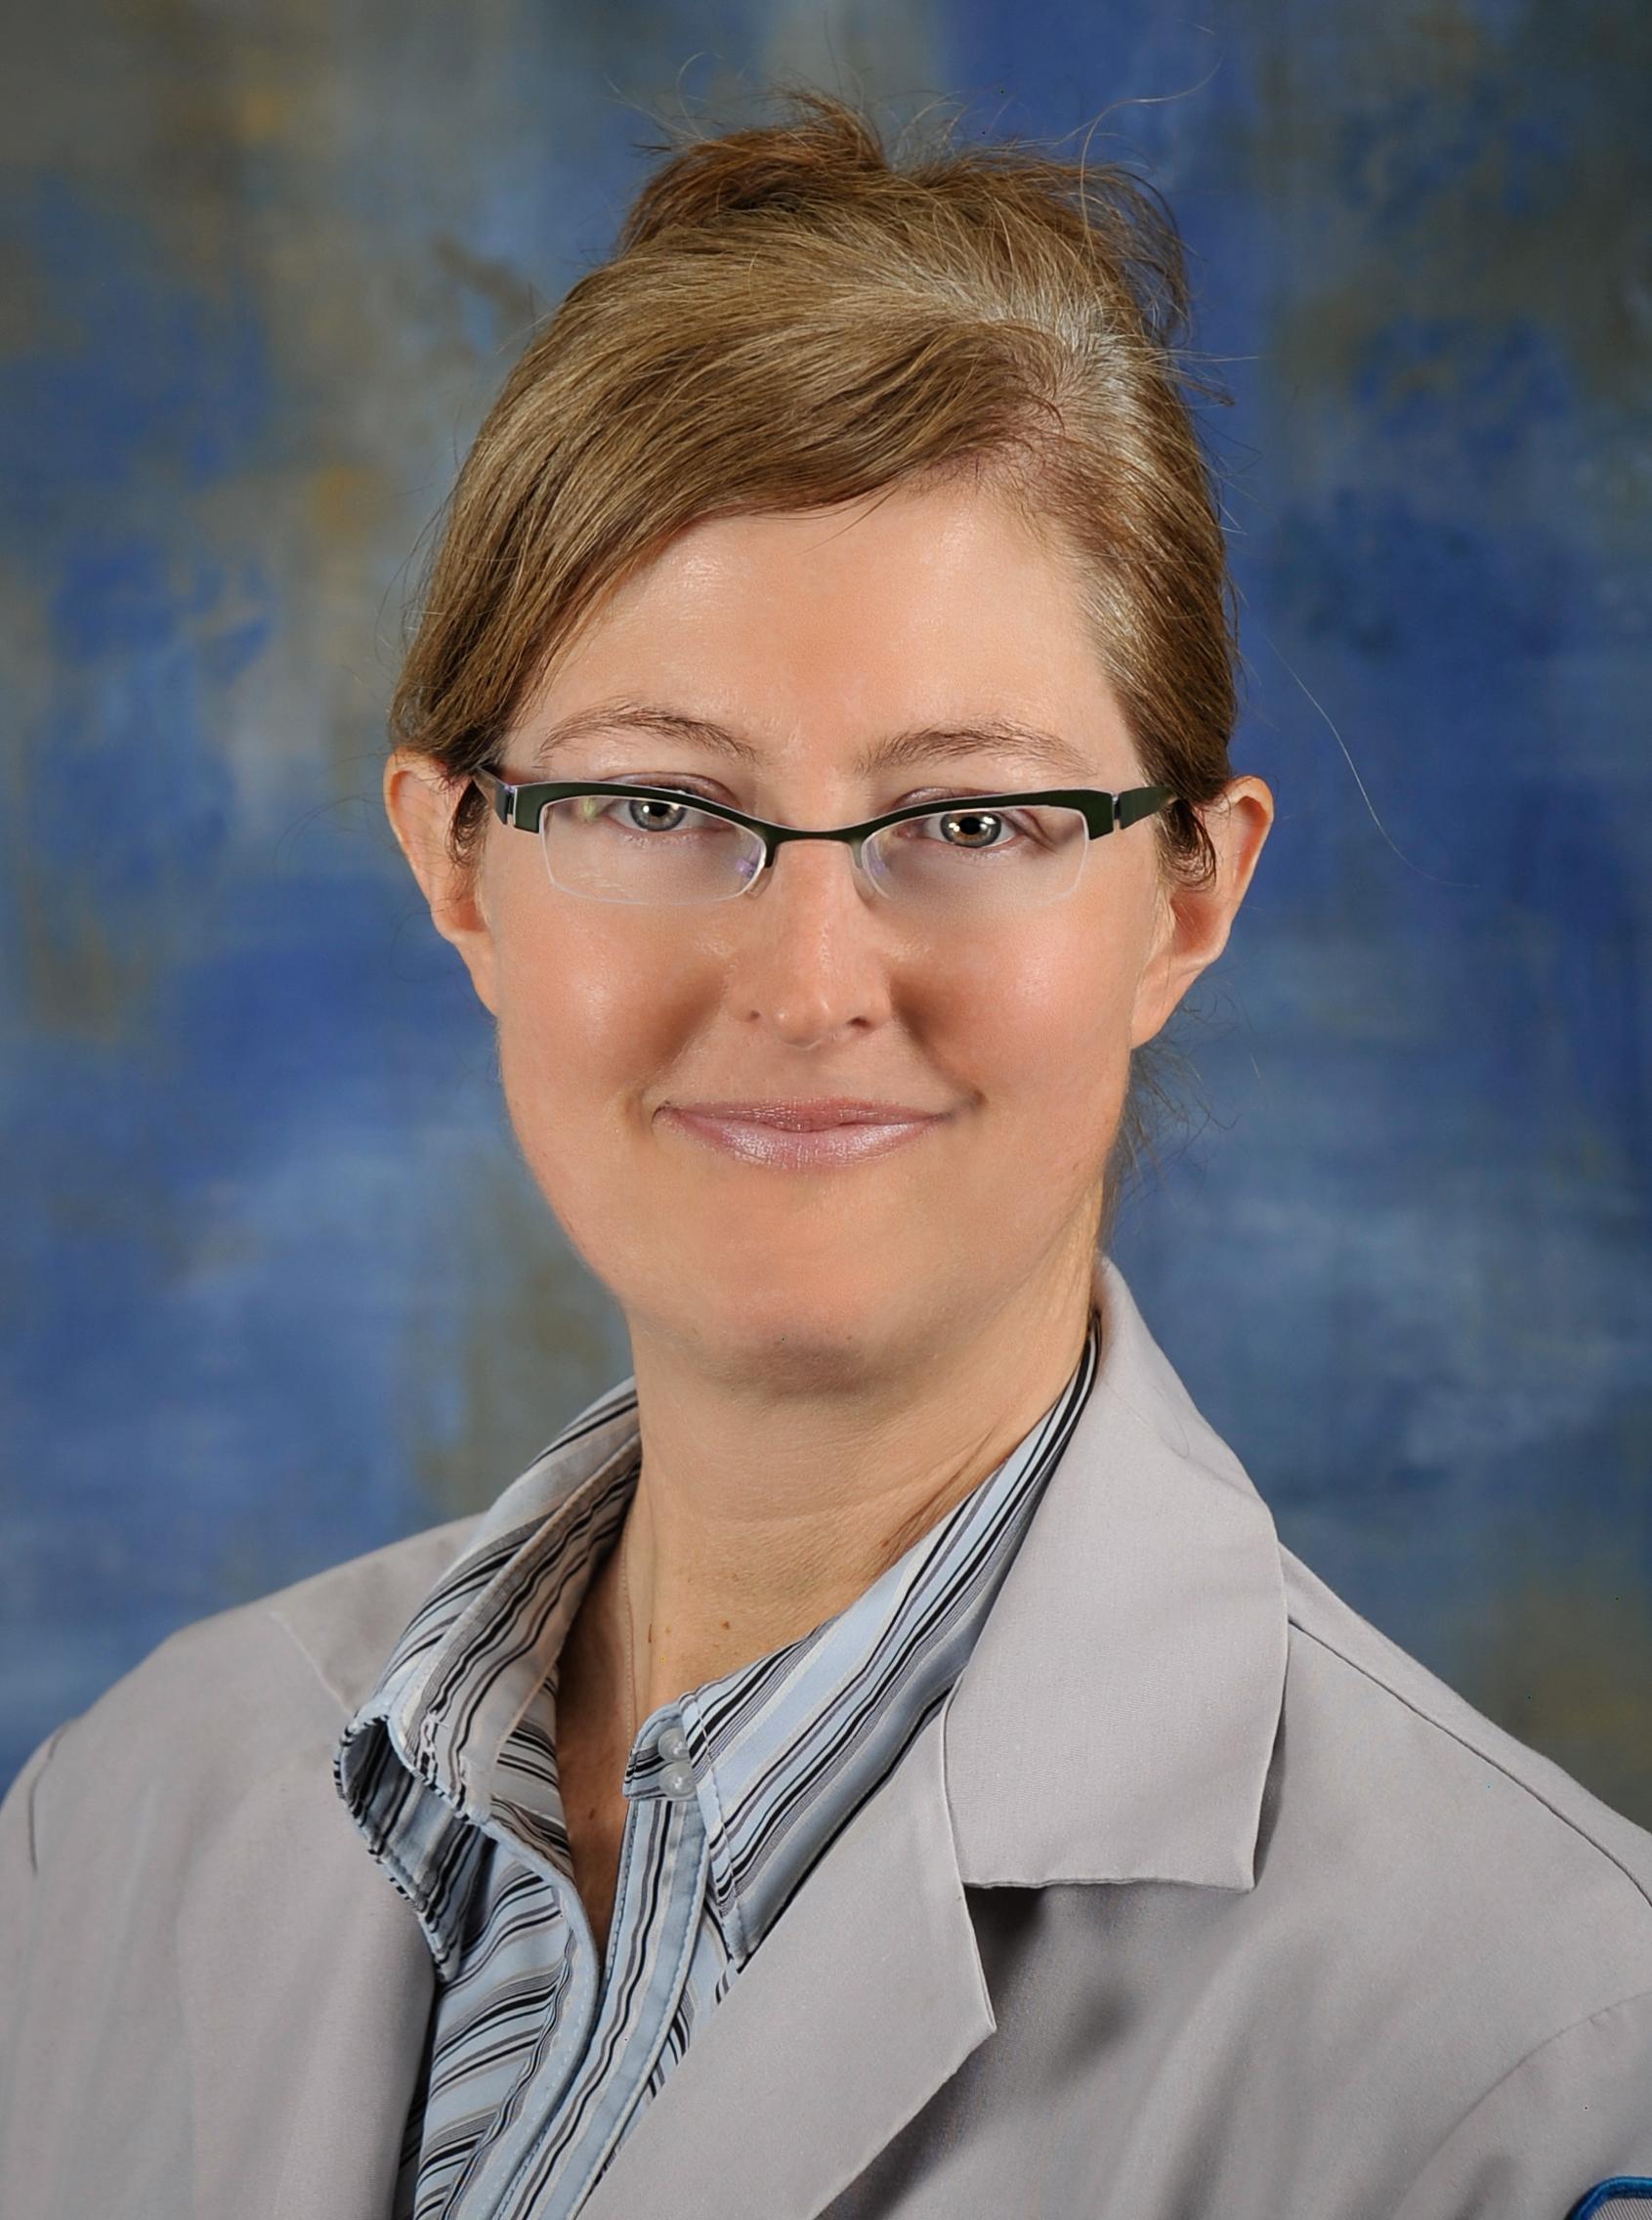 Lisa S. Thompson, MD